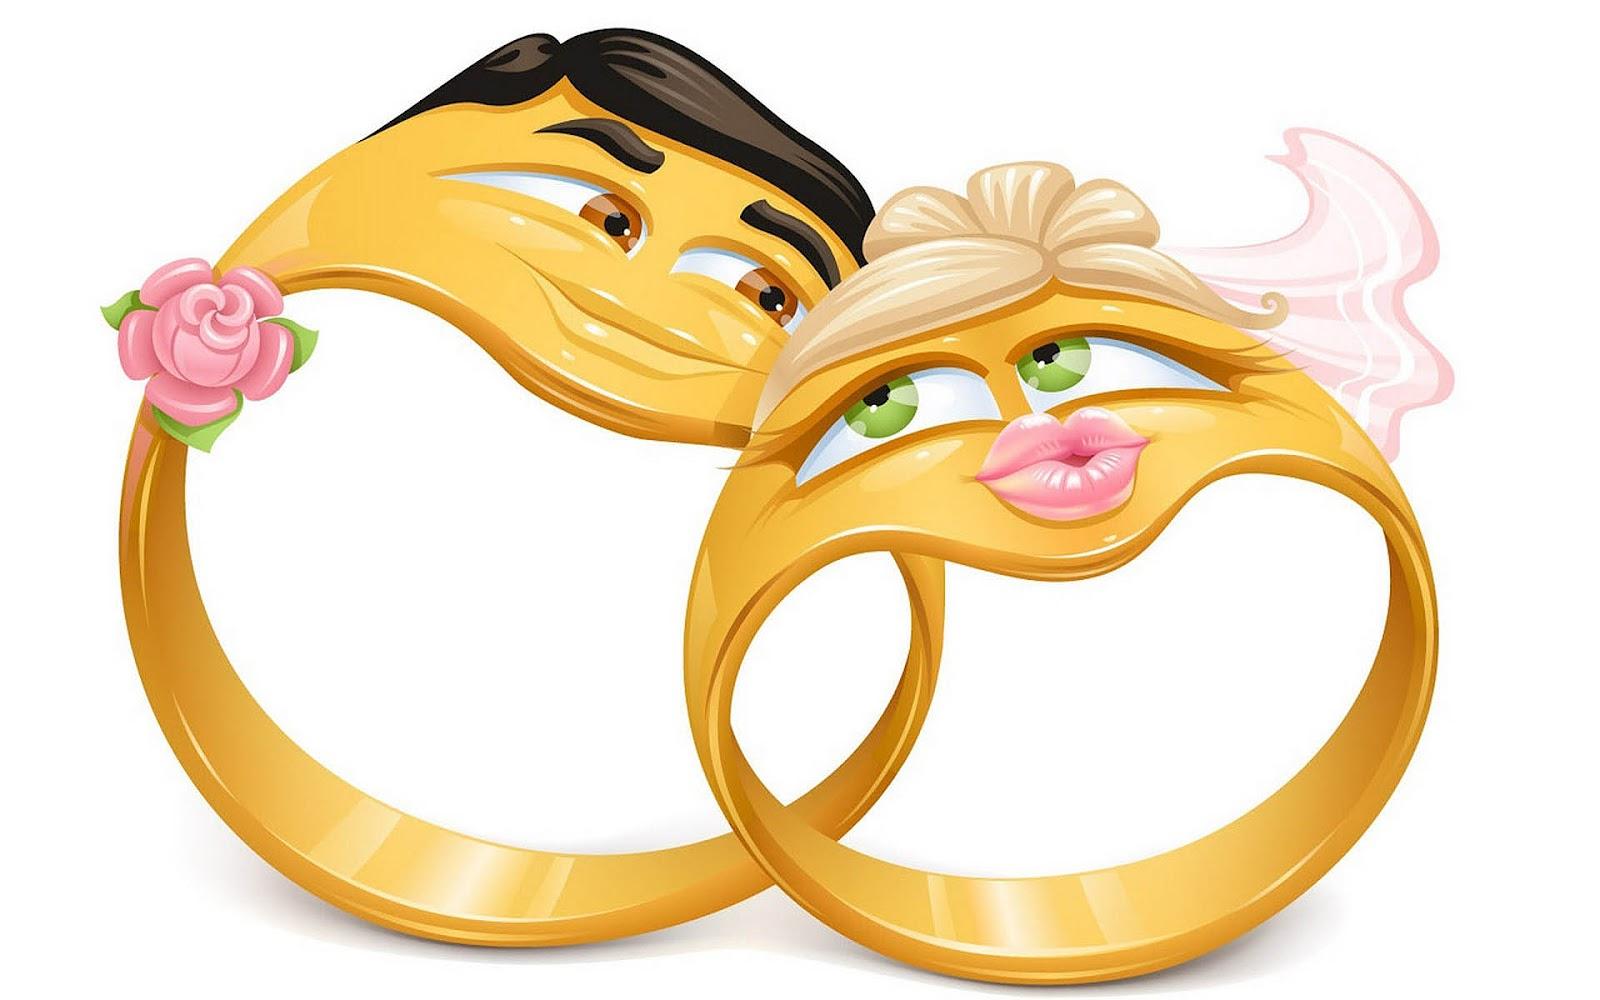 32 года свадьбы поздравления прикольные 6